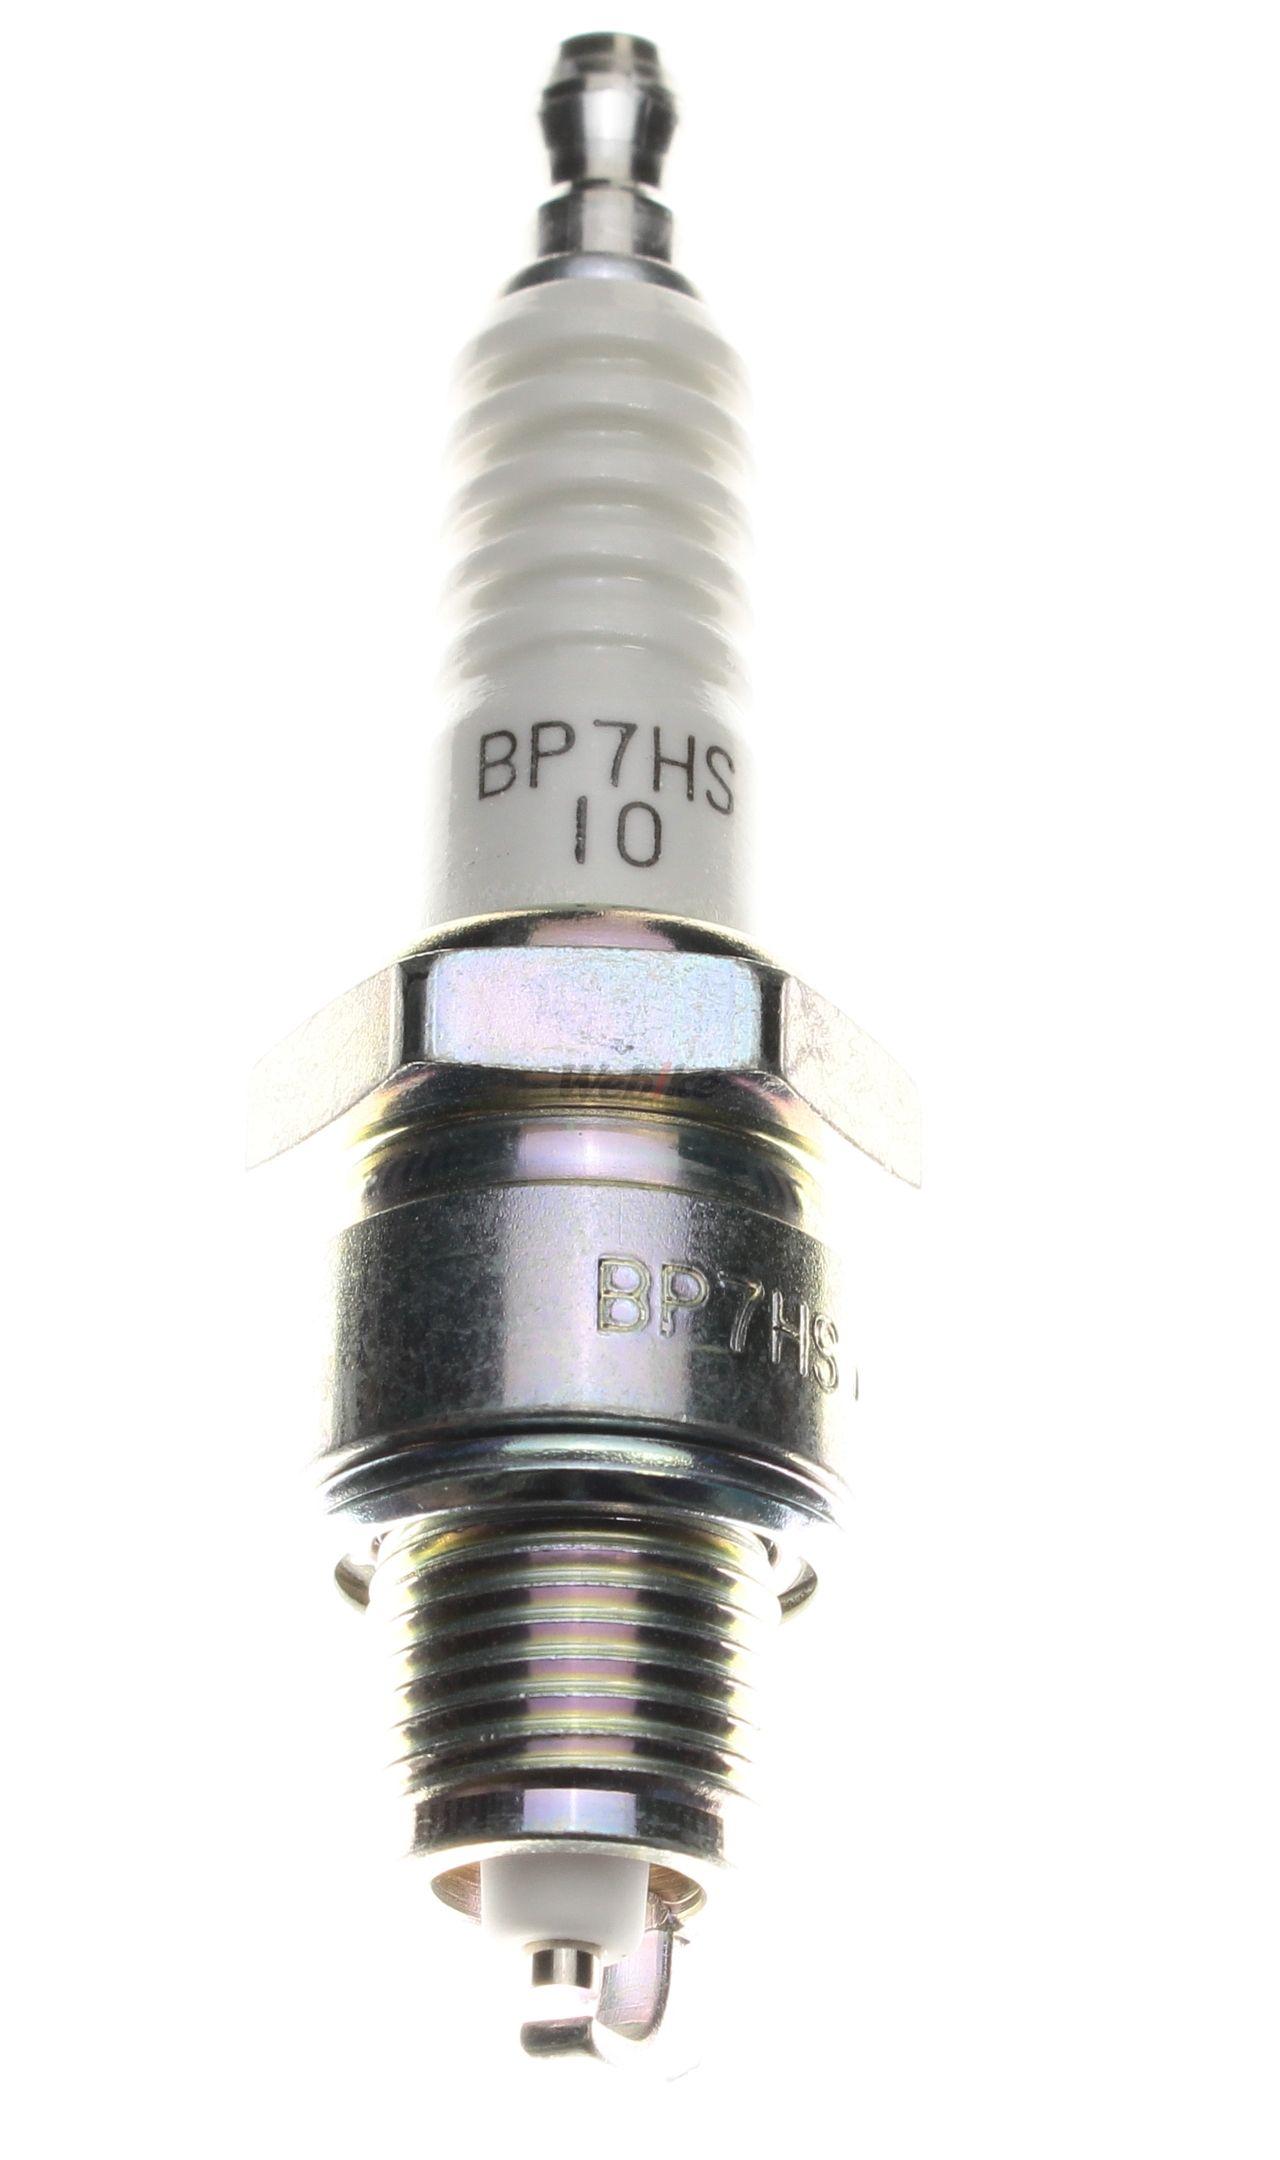 【NGK】標準型 火星塞 BP7HS-10 7829 - 「Webike-摩托百貨」